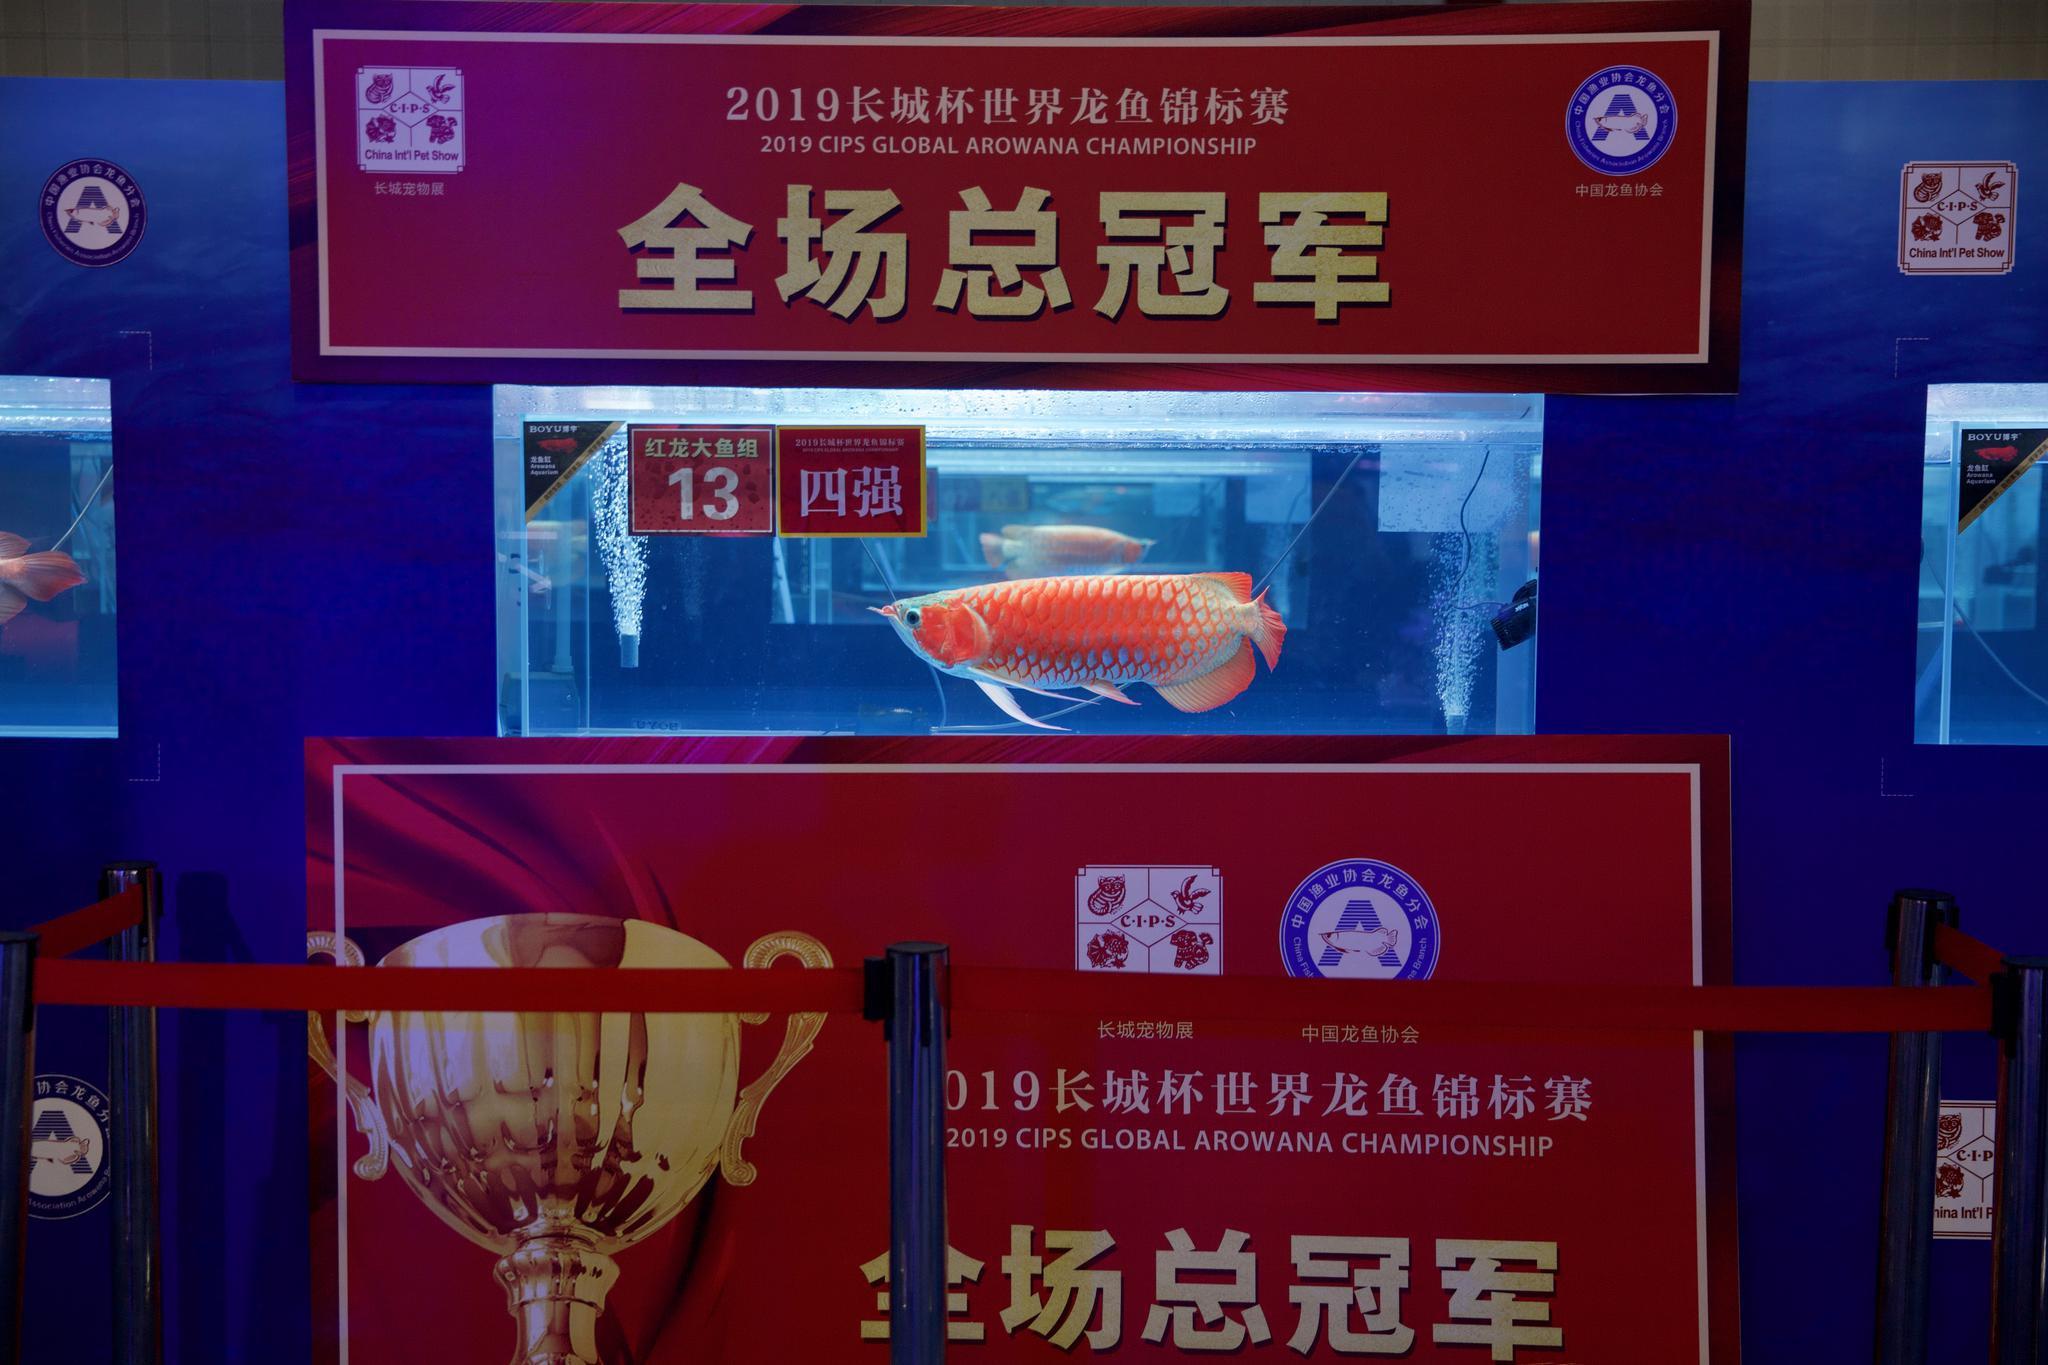 11月22日,获得全场总冠军的龙鱼周围围起隔离带。新京报记者 郑新洽 摄